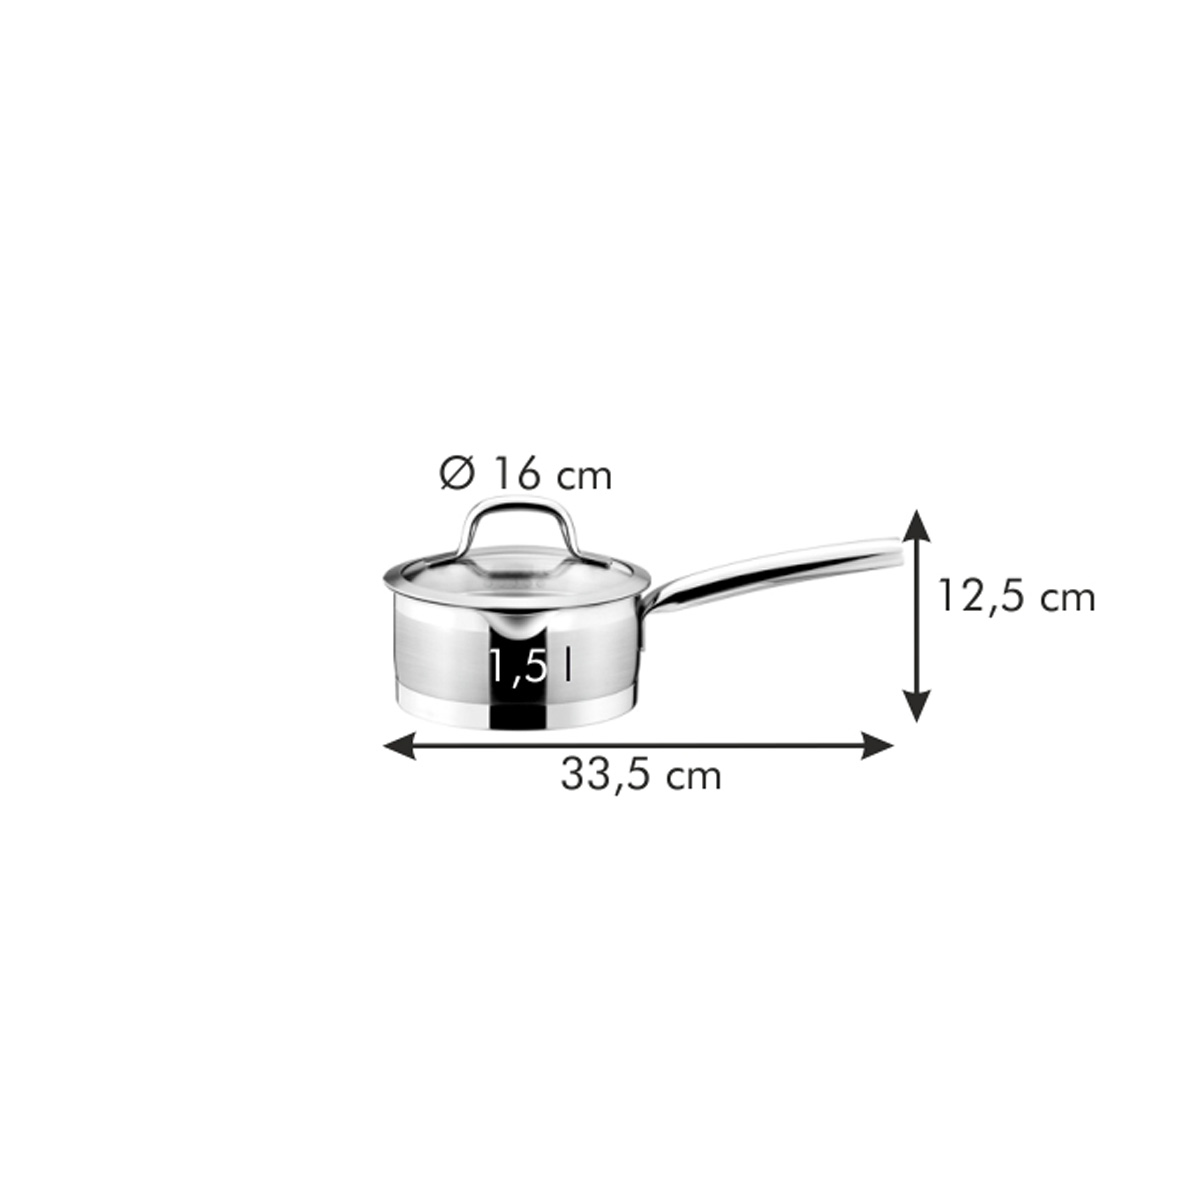 Rendlík PRESIDENT s cedicí poklicí ø 16 cm, 1.5 l